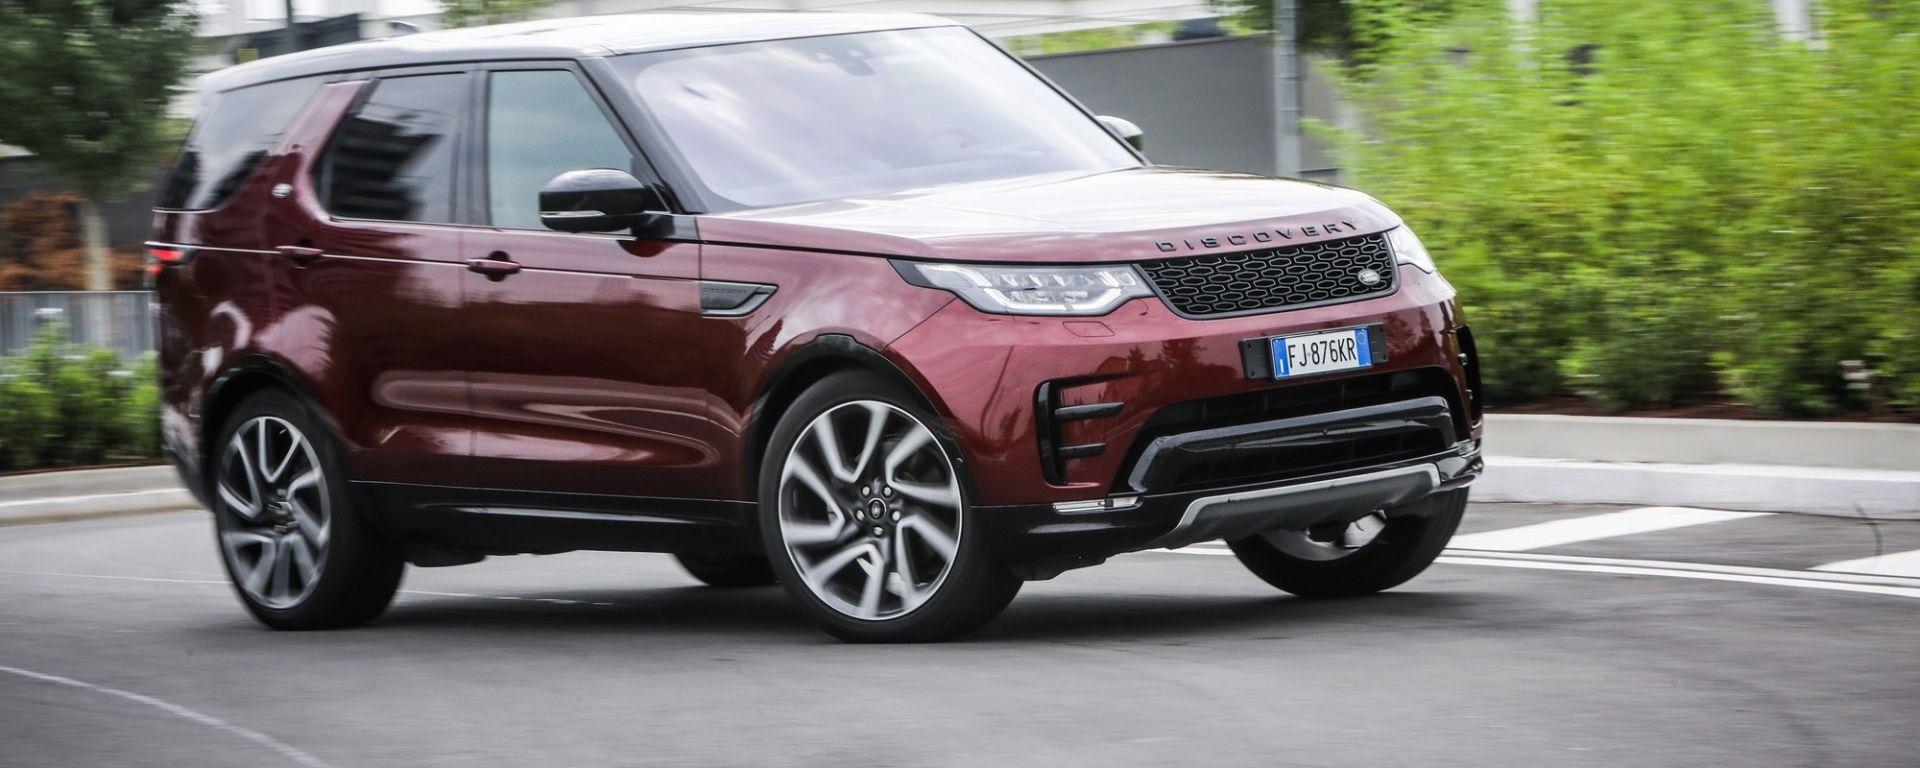 Land Rover Discovery: fuoristrada in salotto